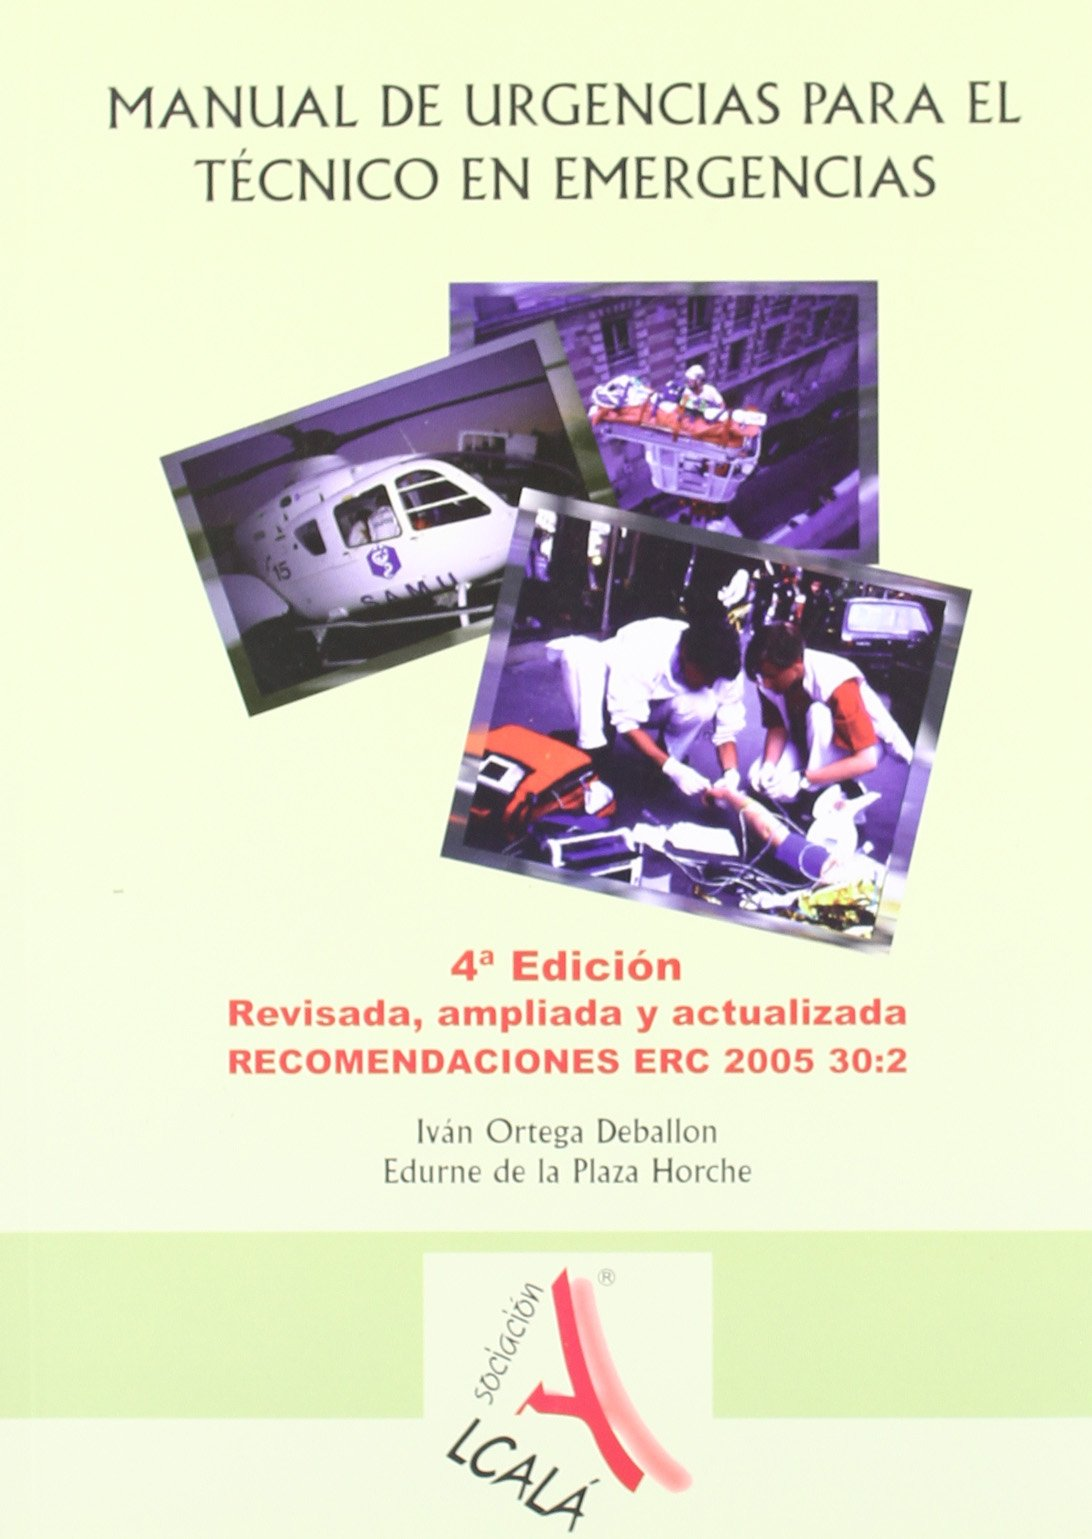 Manual de urgencias para el tecnico en emergencias medicas / Emergency Manual for Emergency Medical Technician (Spanish Edition)